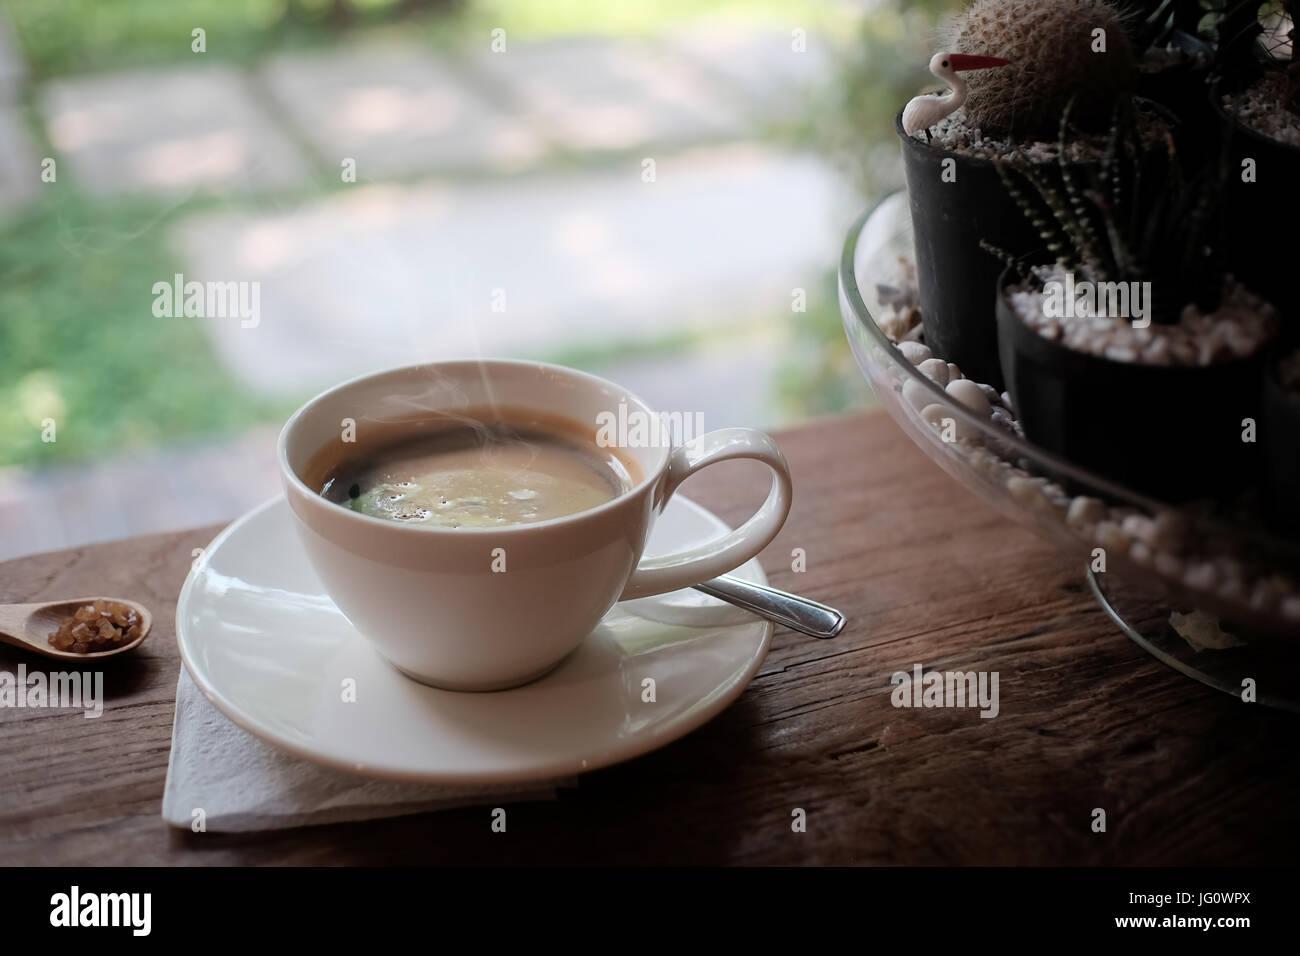 Tazza di caffè americano, caffè mattina concetto. Immagini Stock